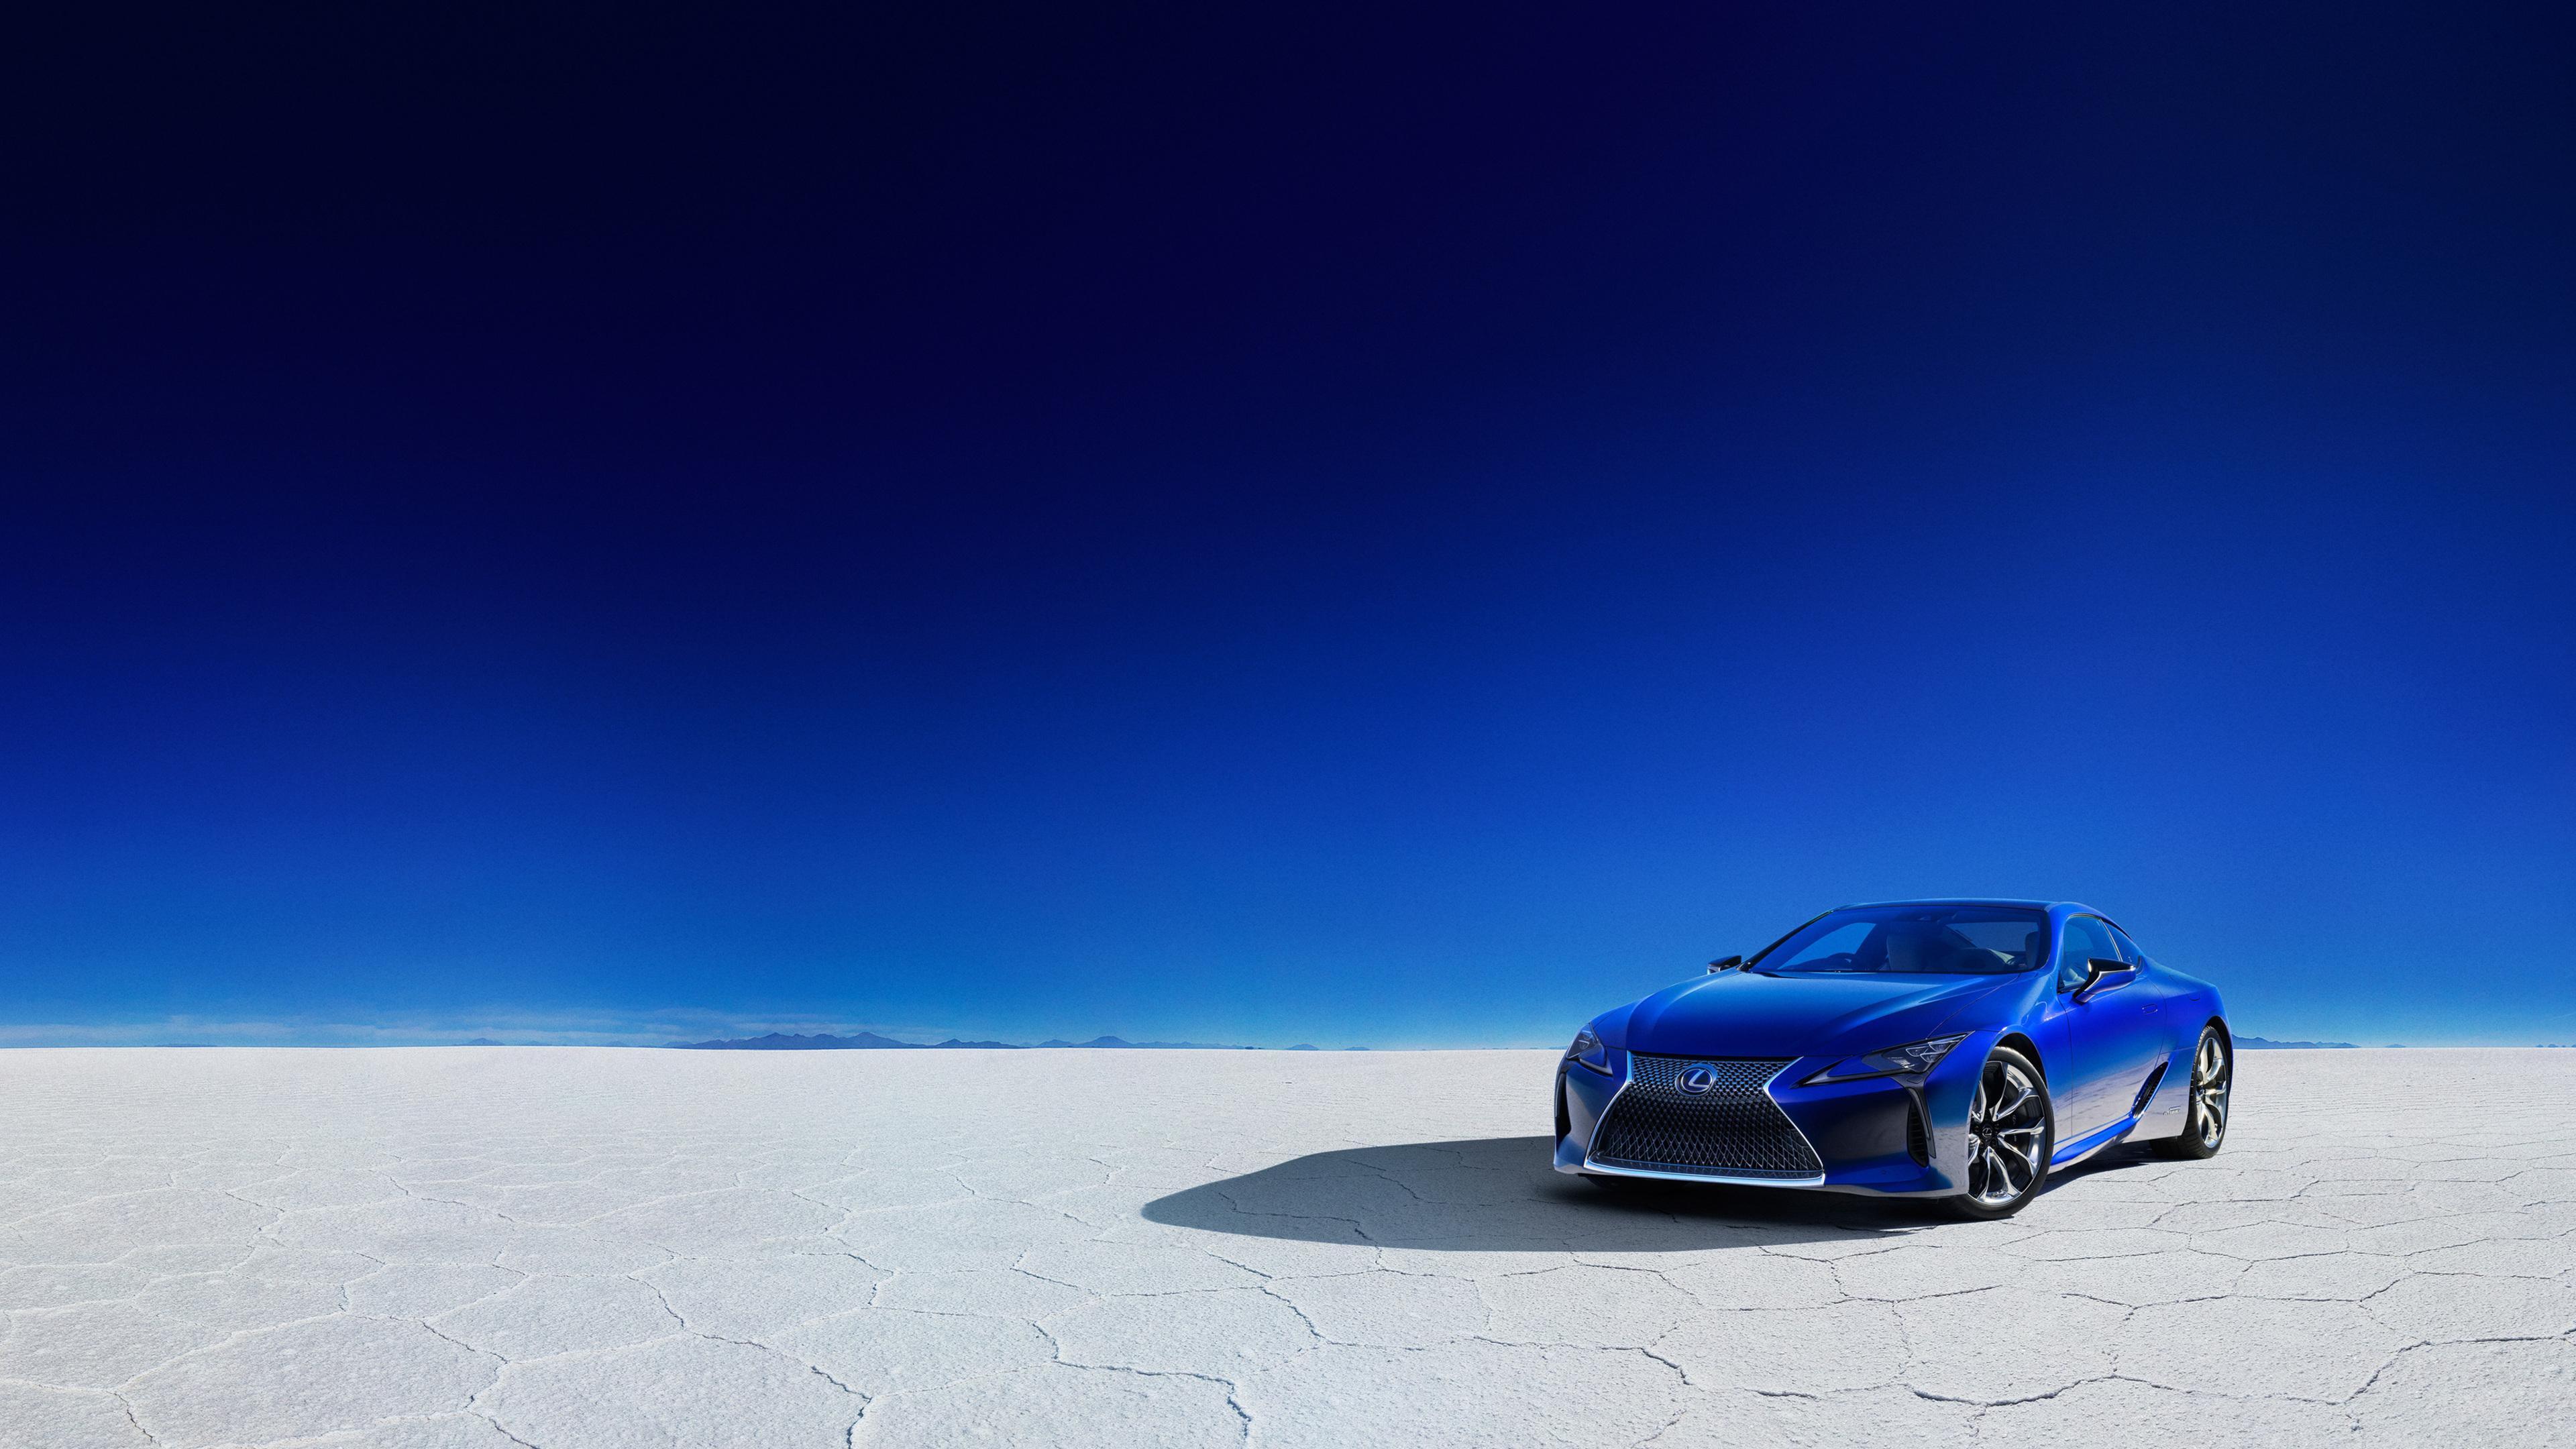 lexus lc 500h structural blue 2018 1539110735 - Lexus LC 500h Structural Blue 2018 - lexus wallpapers, lexus lc 500 wallpapers, hd-wallpapers, 4k-wallpapers, 2018 cars wallpapers